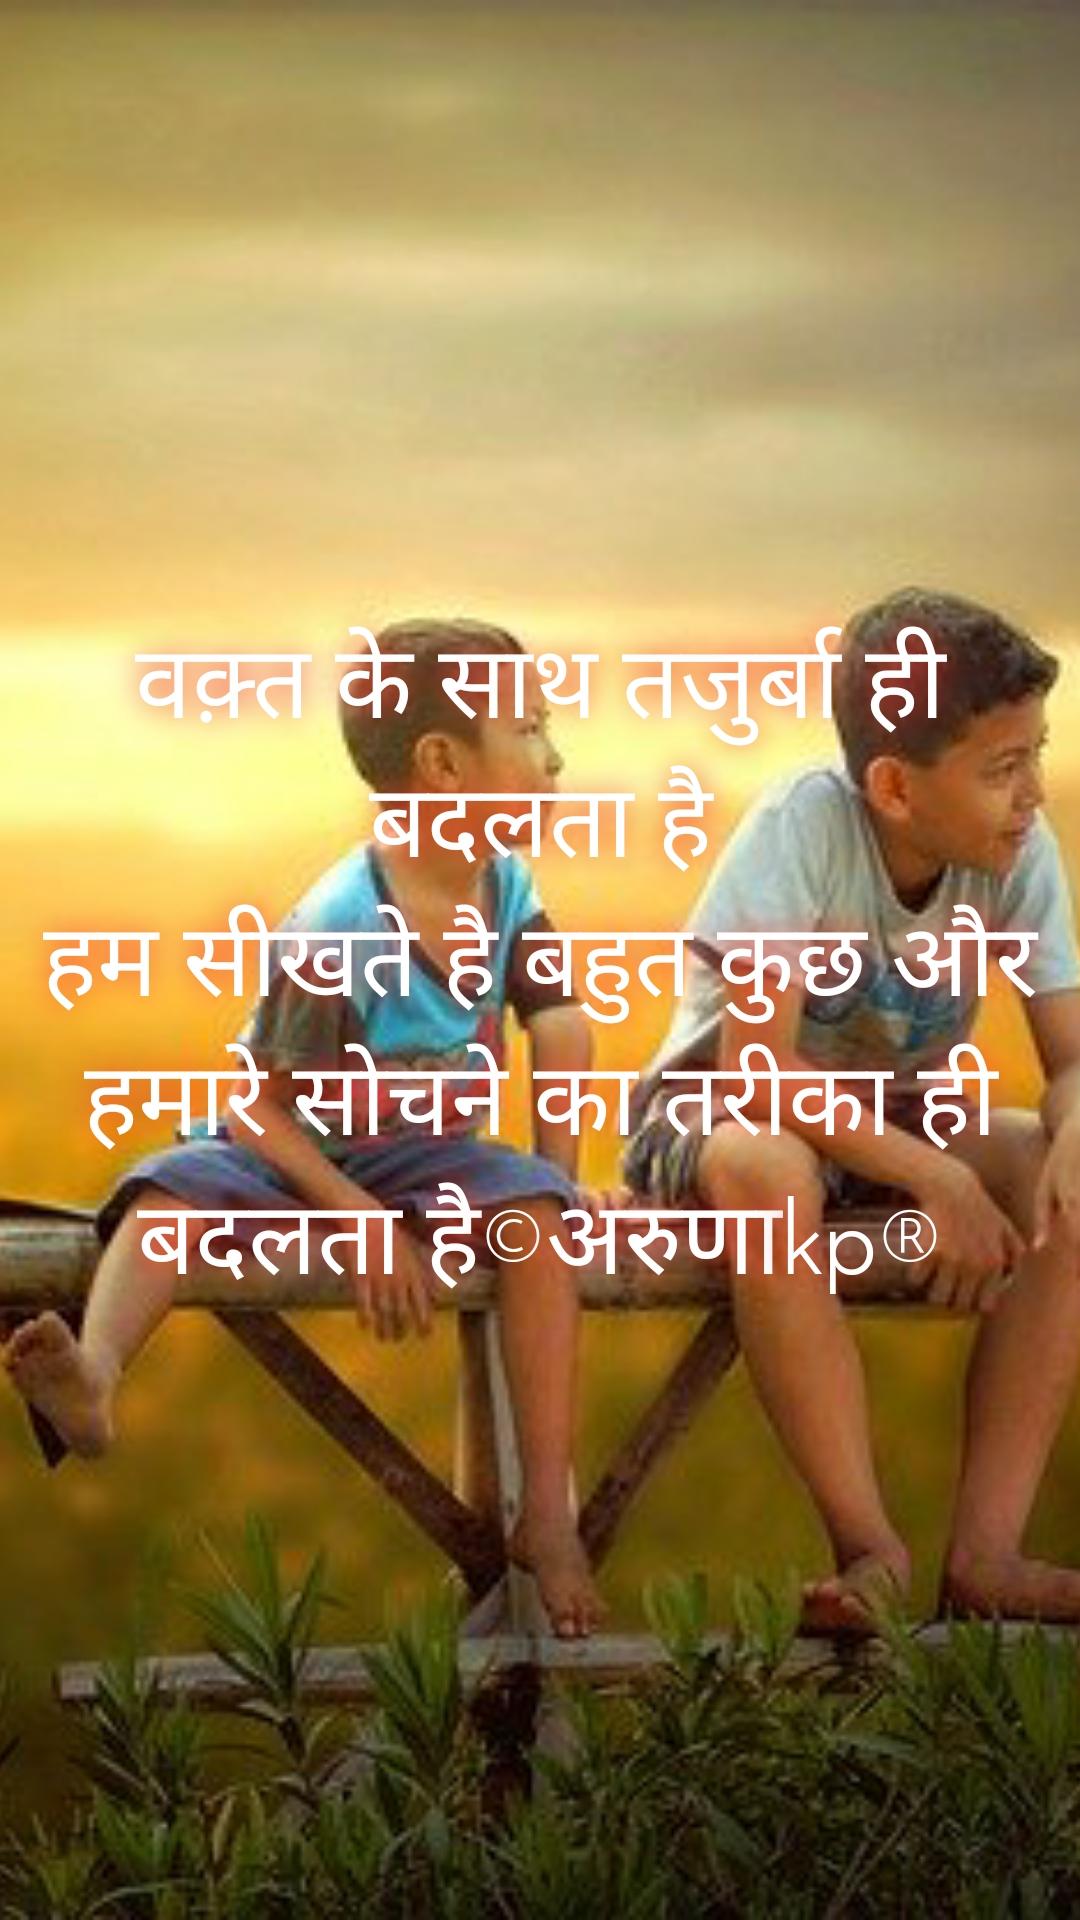 वक़्त के साथ तजुर्बा ही बदलता है हम सीखते है बहुत कुछ और हमारे सोचने का तरीका ही बदलता है©अरुणाkp®